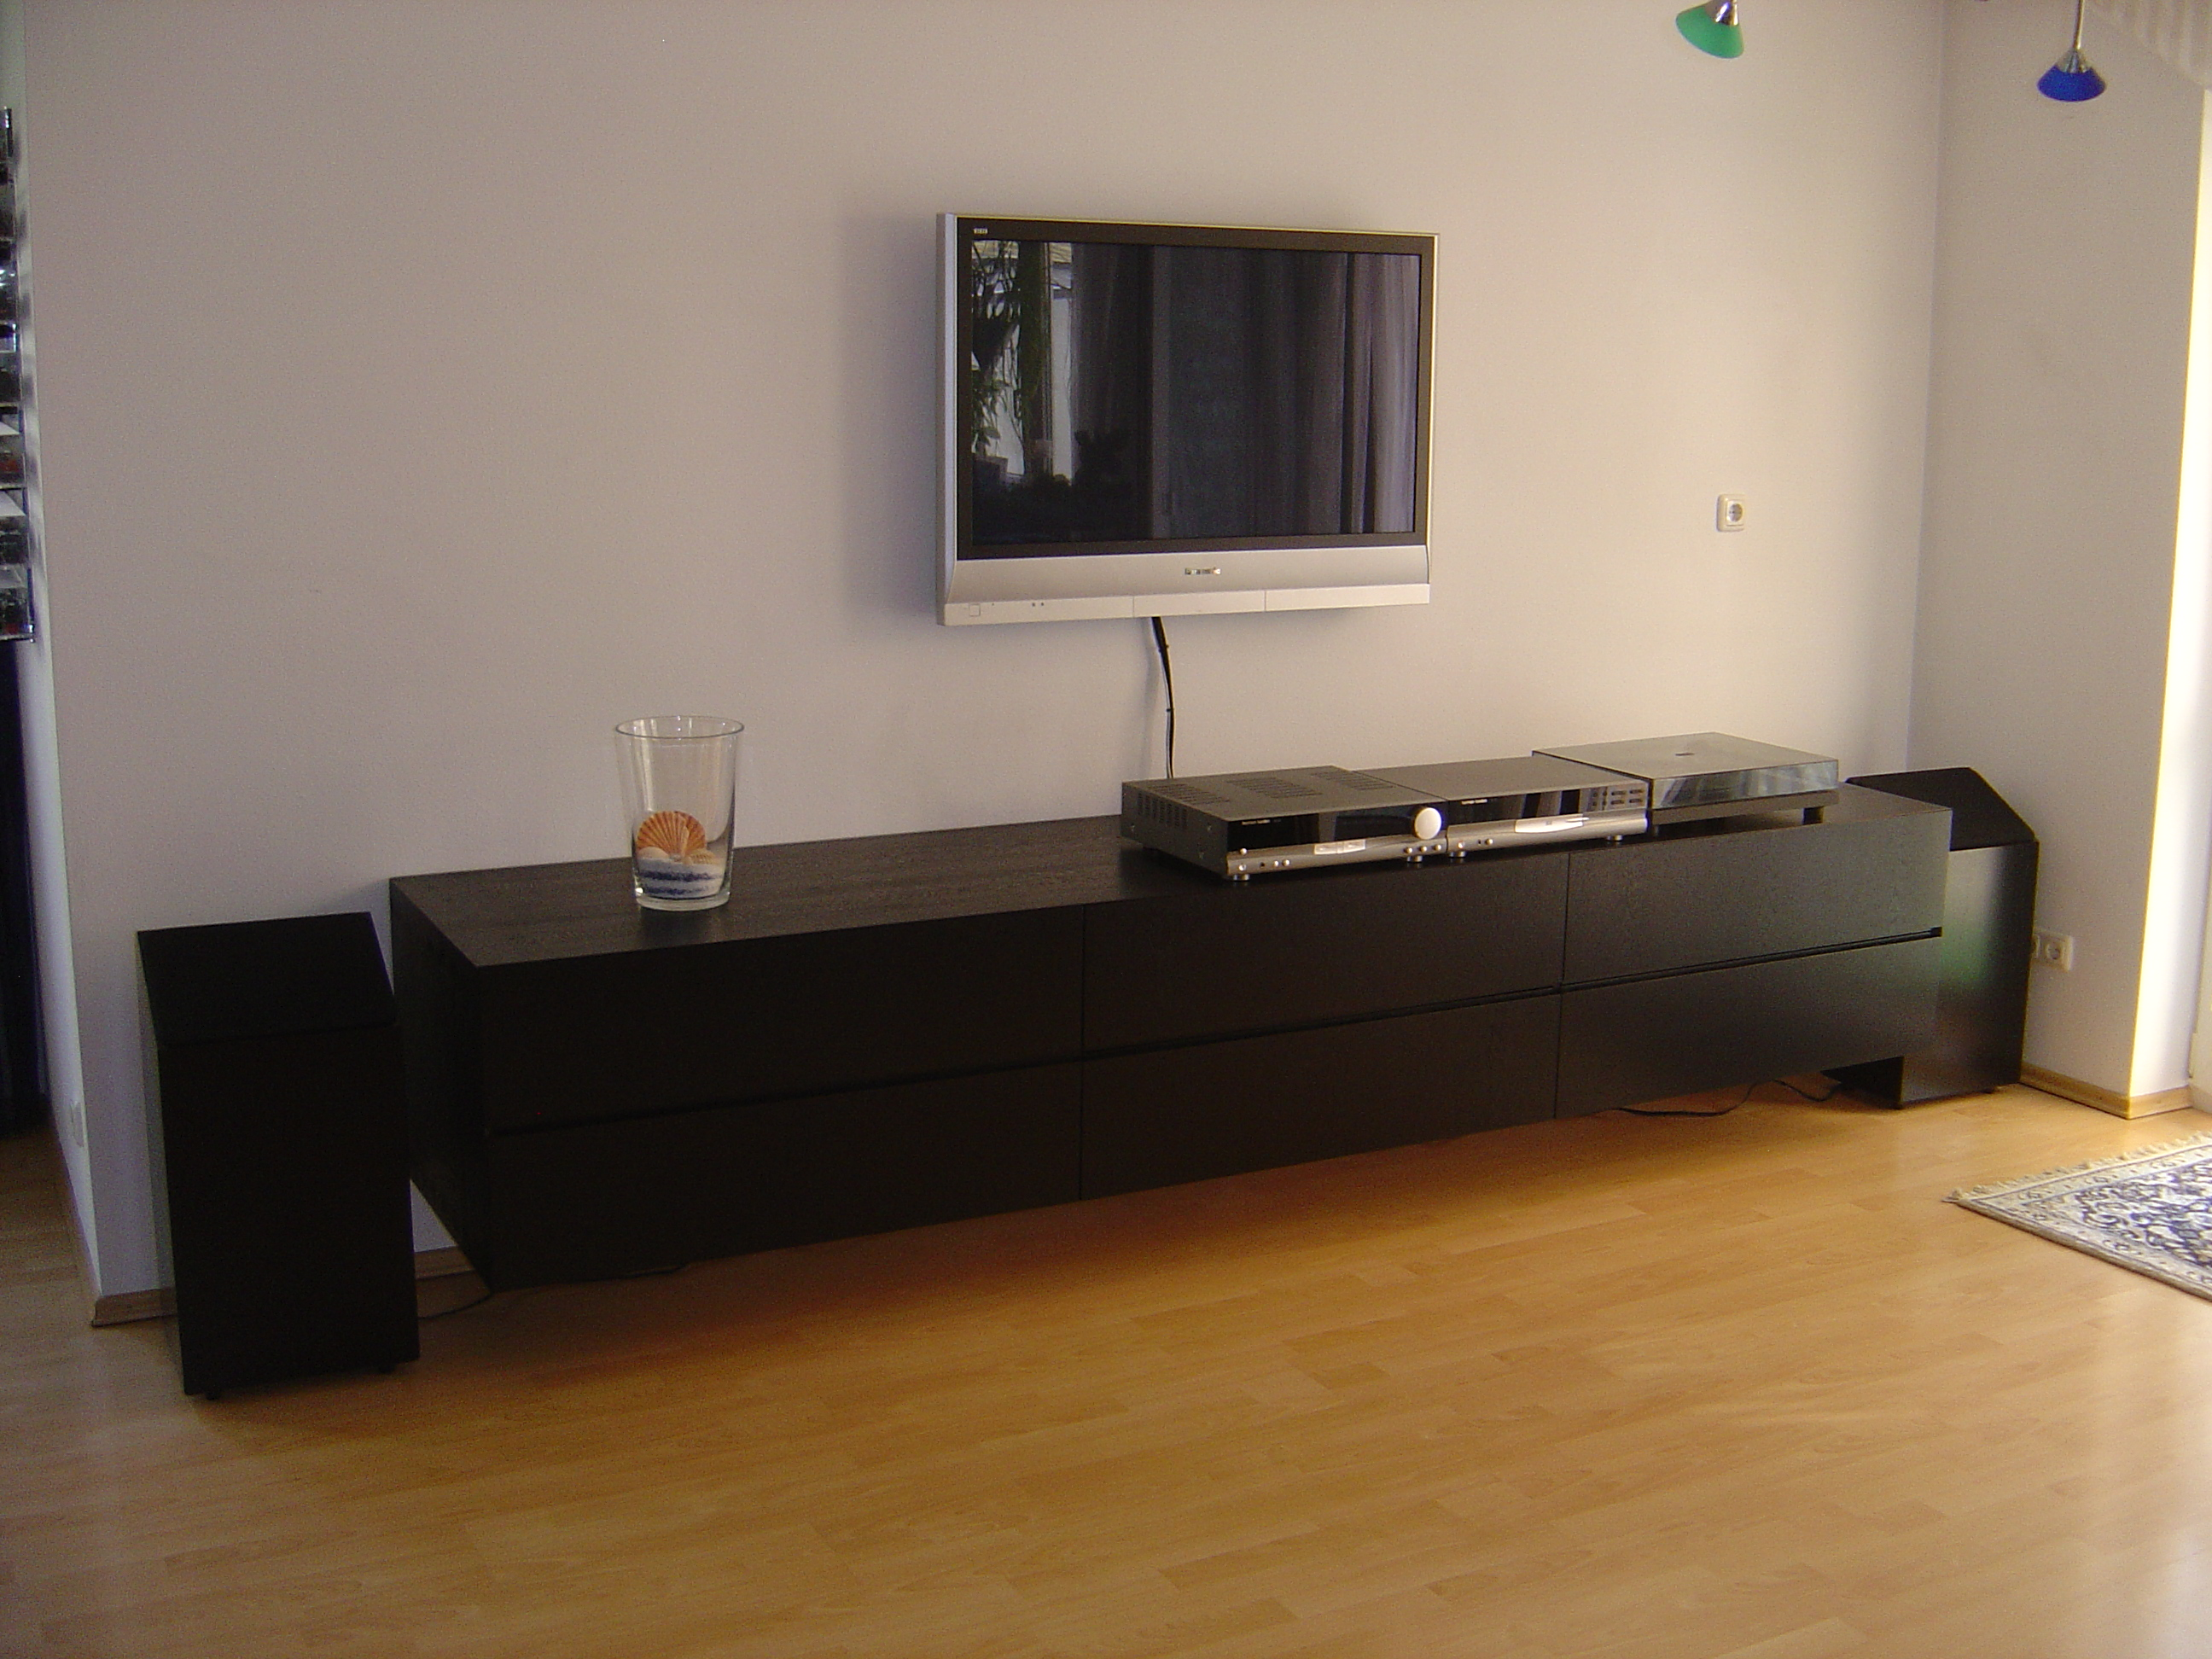 Sideboard in ESCHE schwarz gebeizt und schwarz lackiert mit 8 Schubkästen und Einteilung auf BLUM Motion mit Selbsteinzug